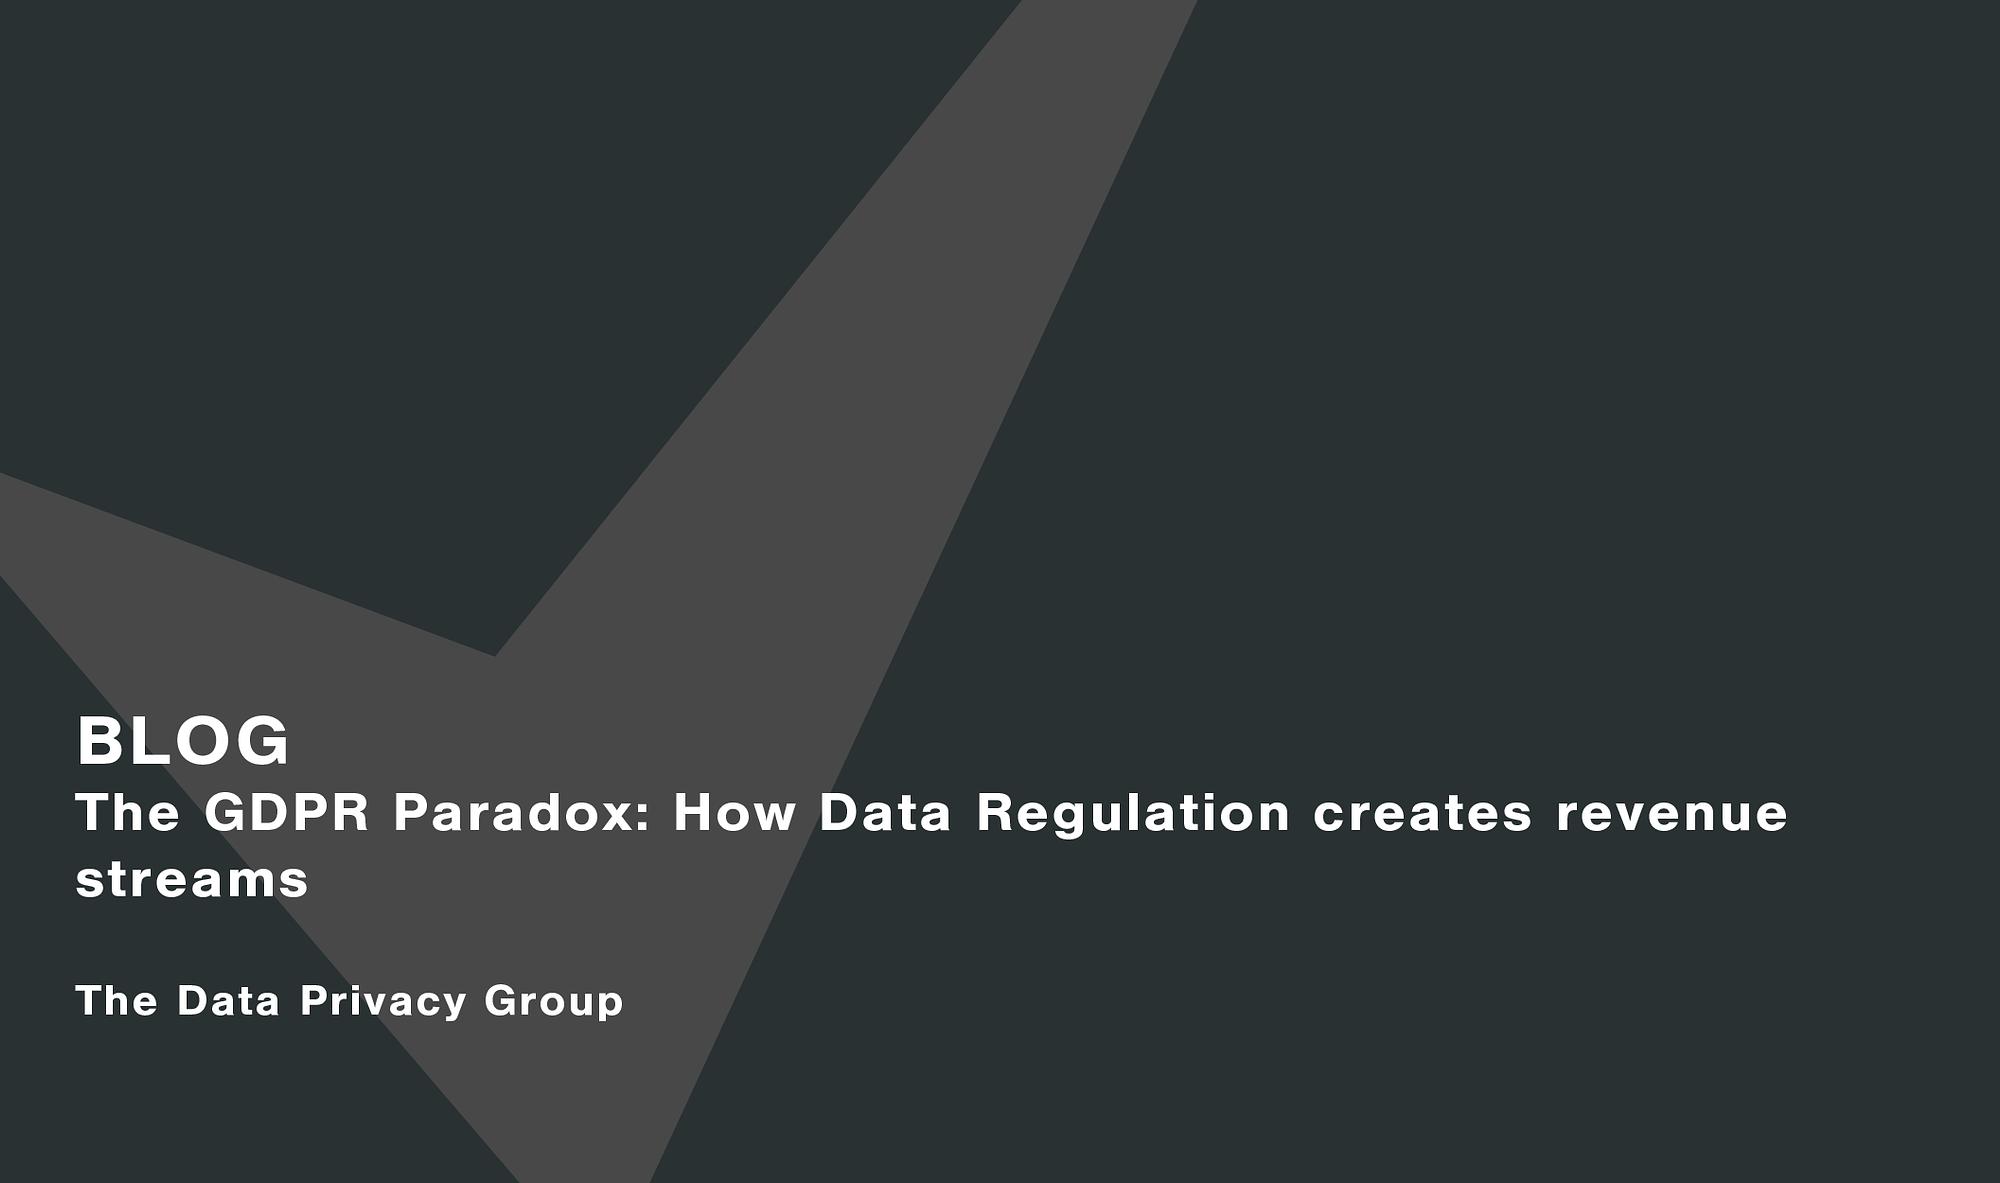 The-GDPR-Paradox-How-Data-Regulation-creates-revenue-streams